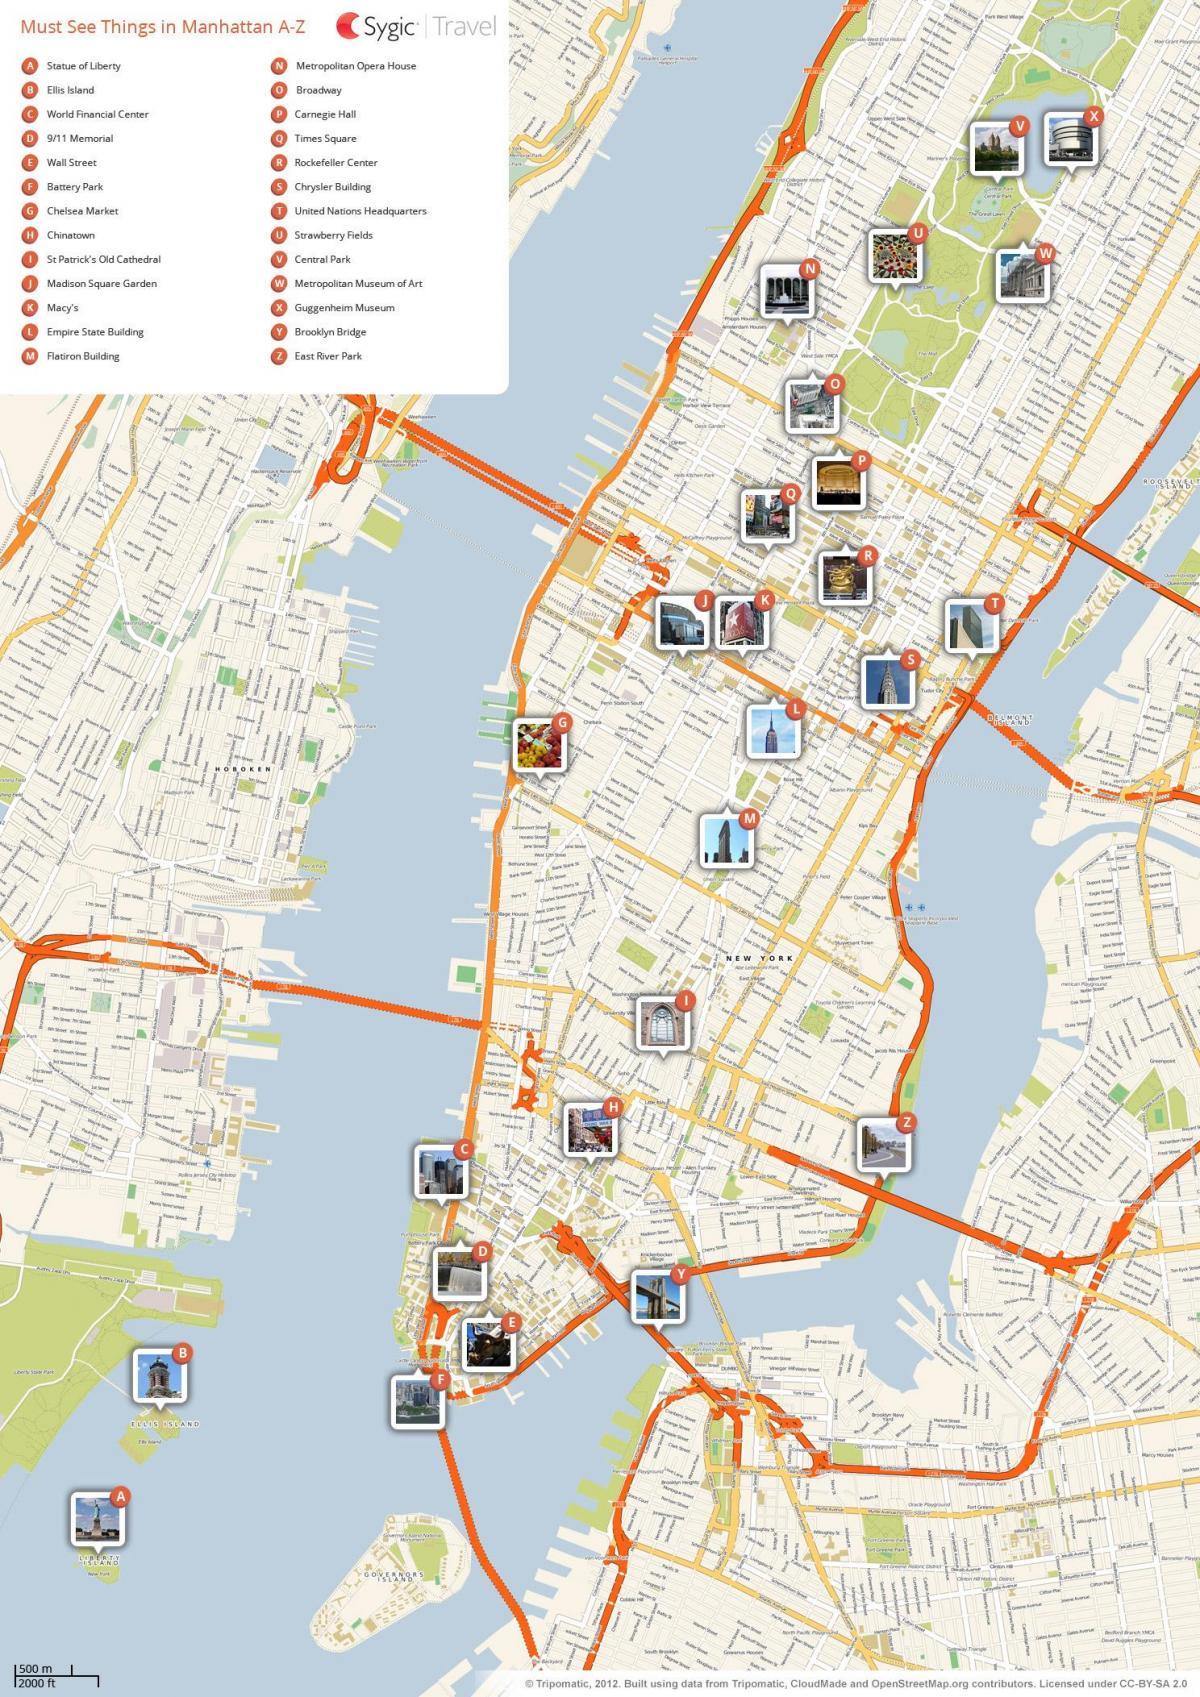 New York Mapa Turistico.La Ciudad De Nueva York Mapa Turistico De Nueva York Mapa De Lugares Nueva York Estados Unidos